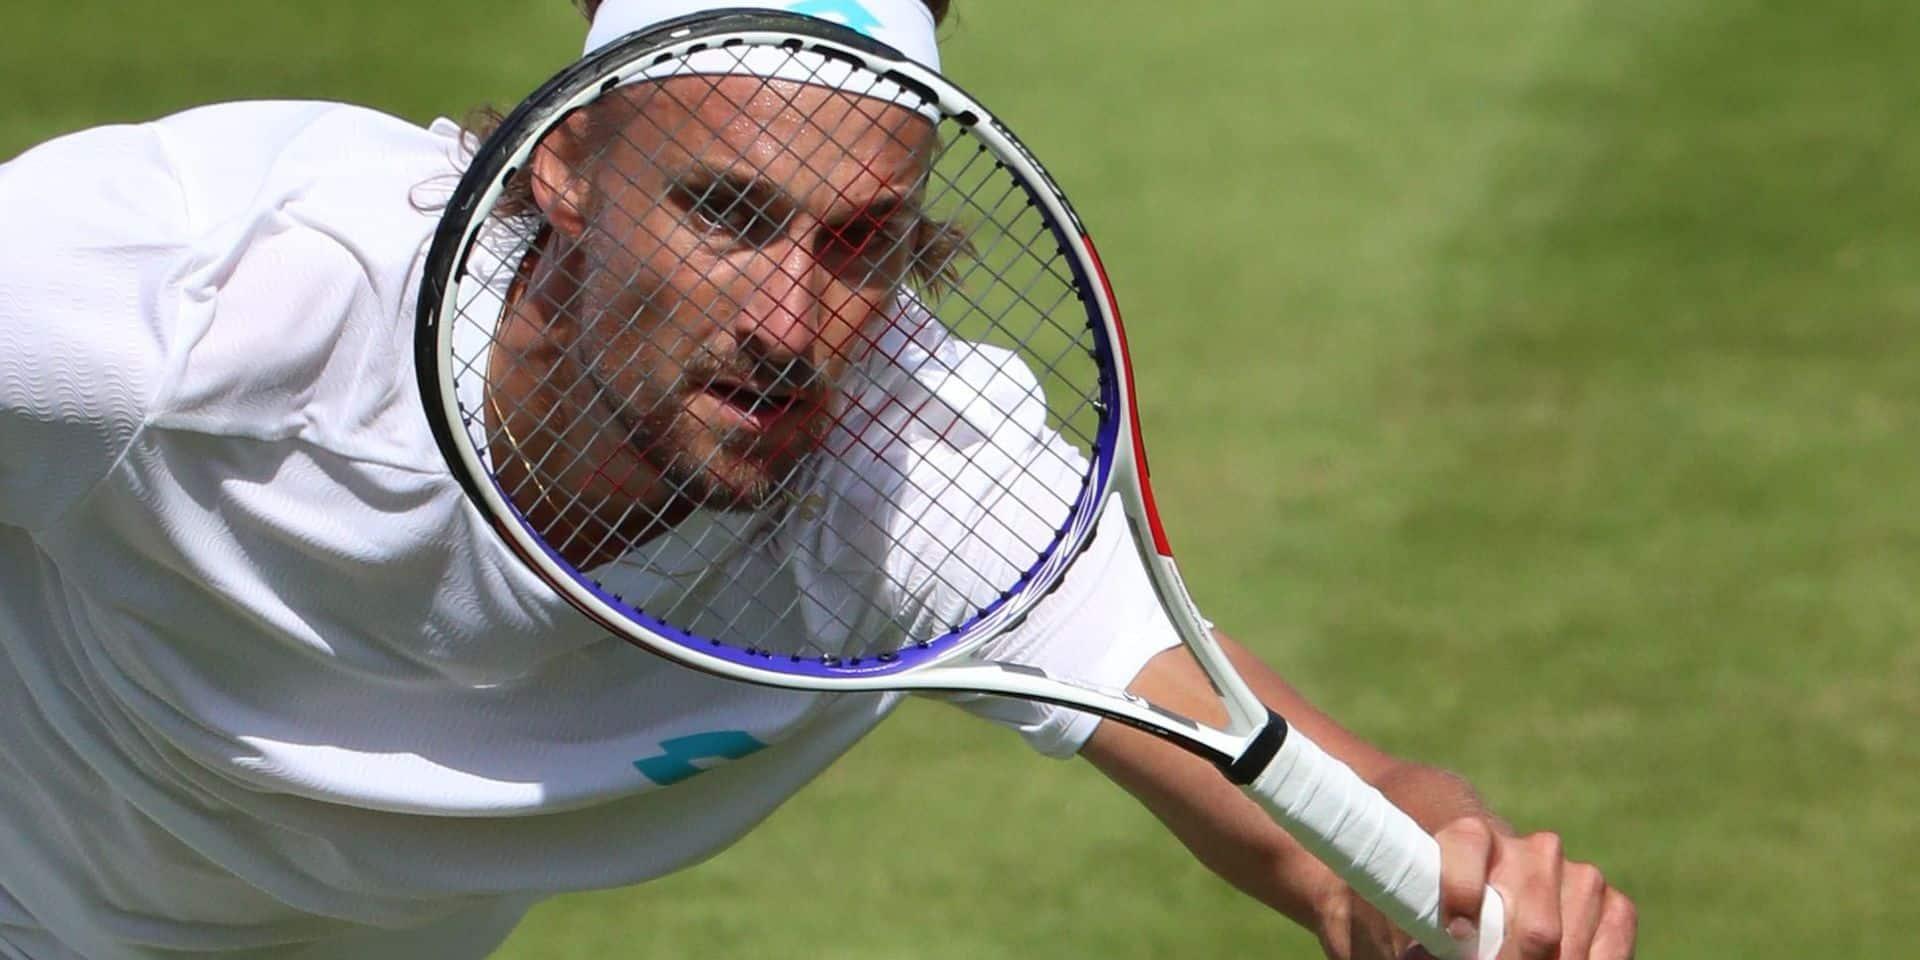 Wimbledon: Ruben Bemelmans éliminé en qualifications, pas de Belge dans le tableau masculin en simple